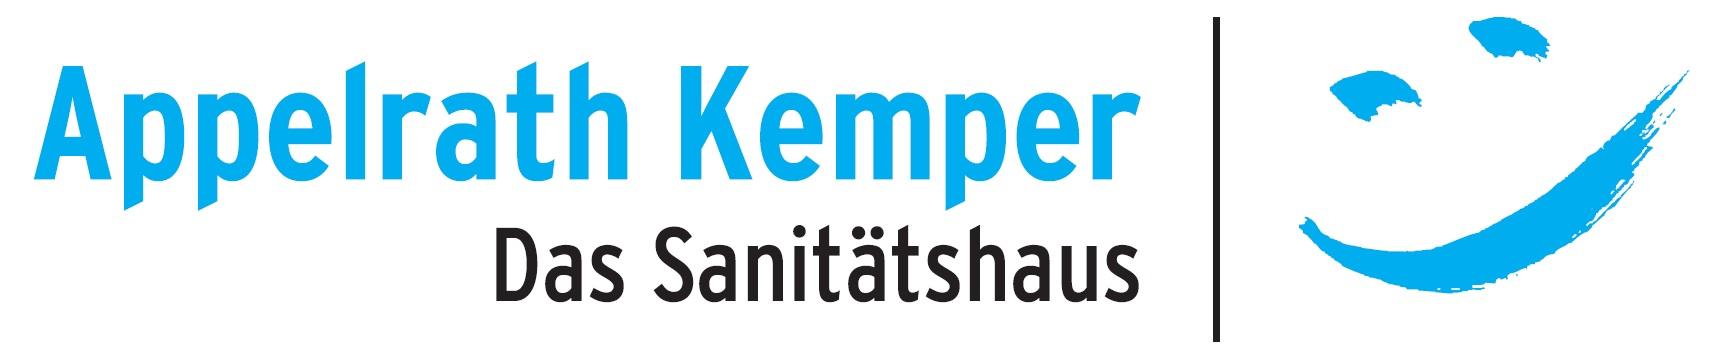 Appelrath  Kemper